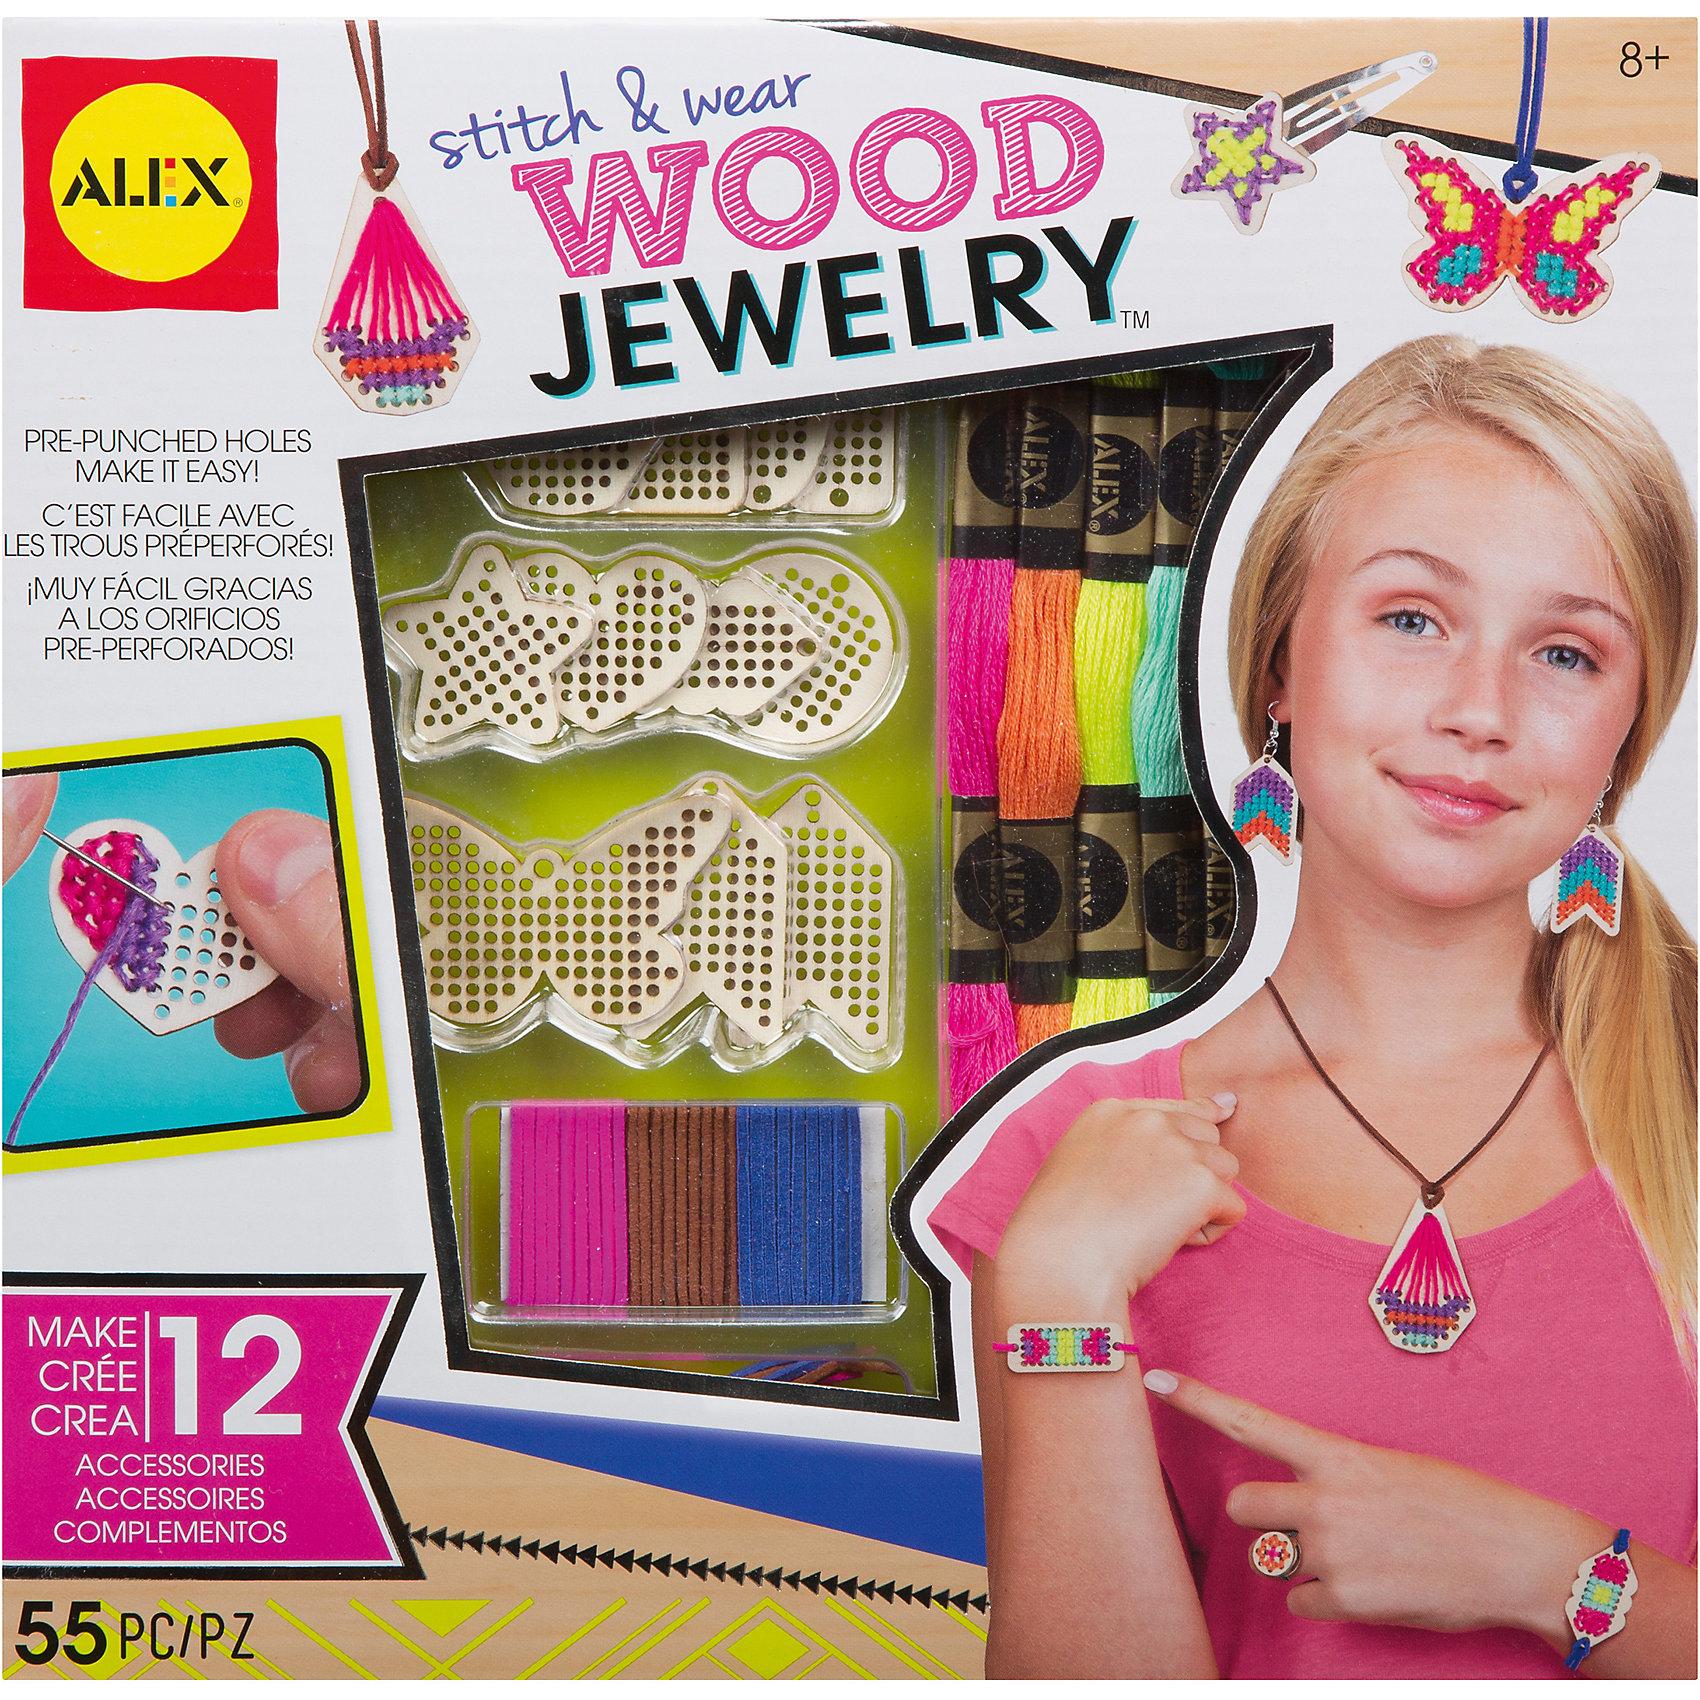 Набор для создания украшений из дерева, AlexРукоделие<br>Сделай ожерелье, серьги, браслет и кольцо из деревянных шармов и изделий. Рекомендовано для детей от 8 лет и старше.<br>В наборе:  12 деревянных шармов-заготовок, 4 деревянные бусины, 6 разноцветных нитей, 11 шнурков, 2 швейные иглы, 2 крючка для сережек, 12 пружинок, и простые инструкции.<br><br>Ширина мм: 260<br>Глубина мм: 160<br>Высота мм: 270<br>Вес г: 233<br>Возраст от месяцев: 96<br>Возраст до месяцев: 2147483647<br>Пол: Унисекс<br>Возраст: Детский<br>SKU: 6688678